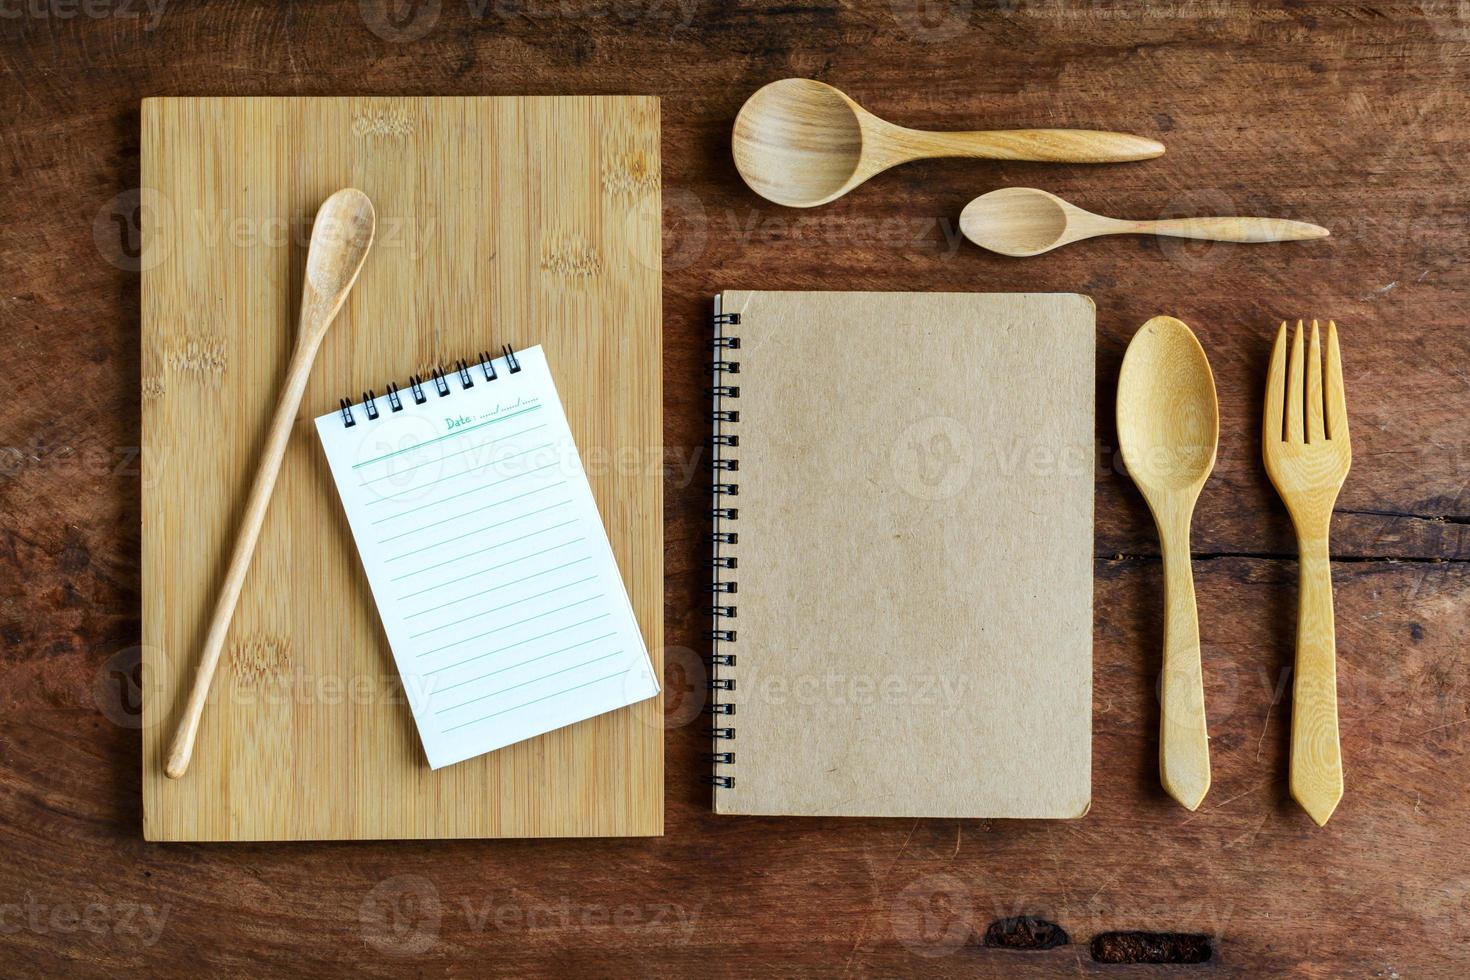 cuaderno y utensilio de madera sobre madera vieja foto